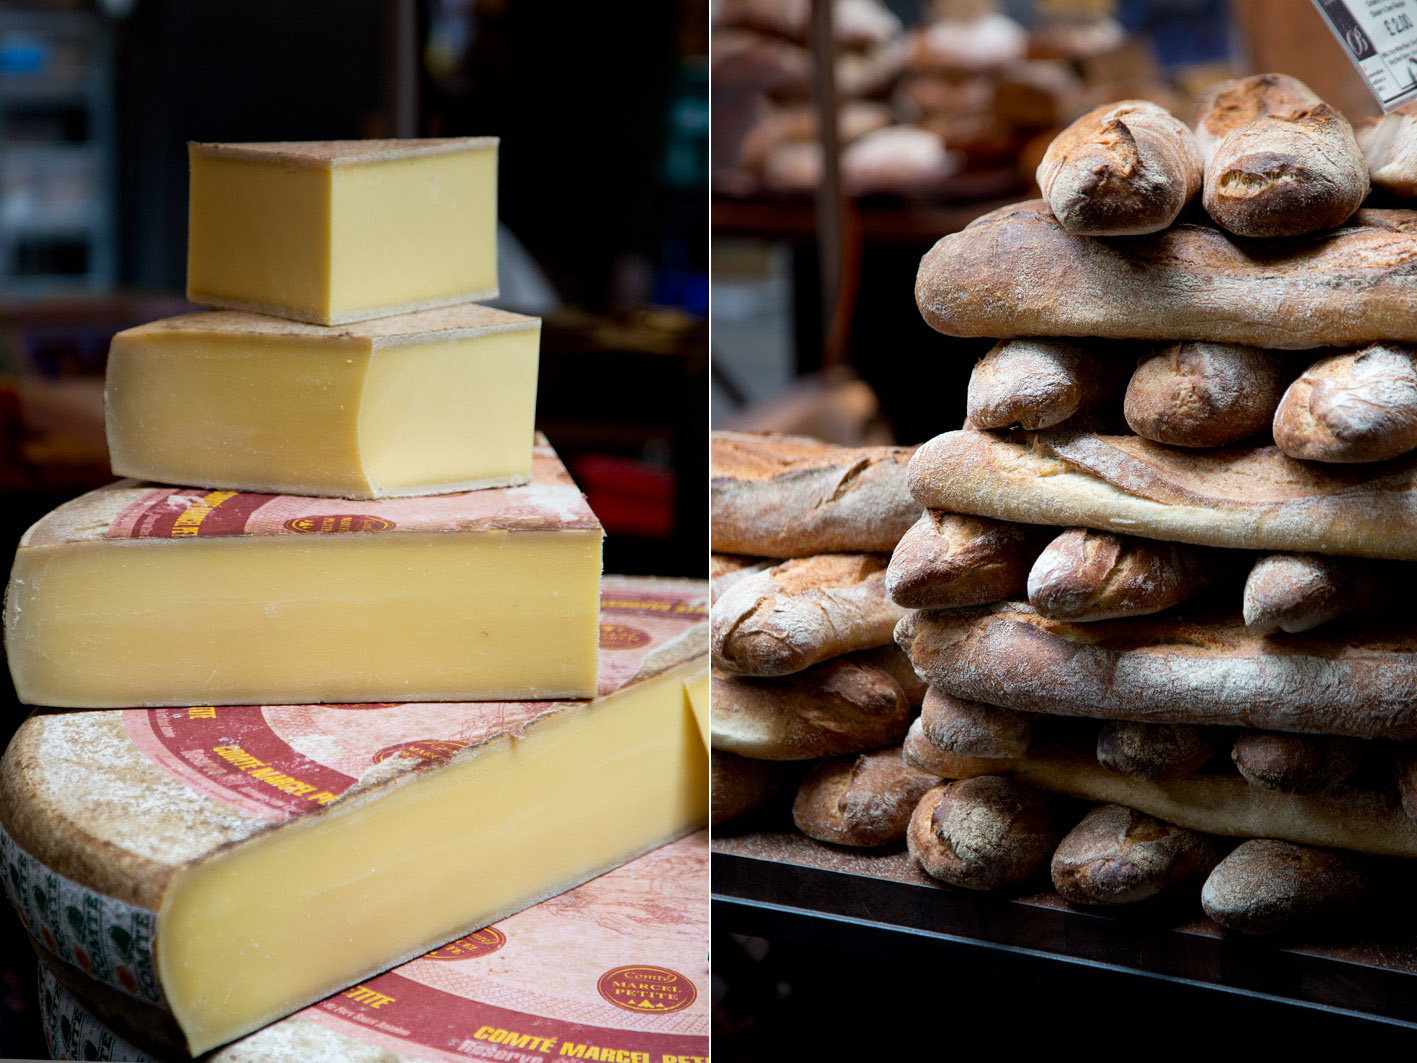 brot und käse in london